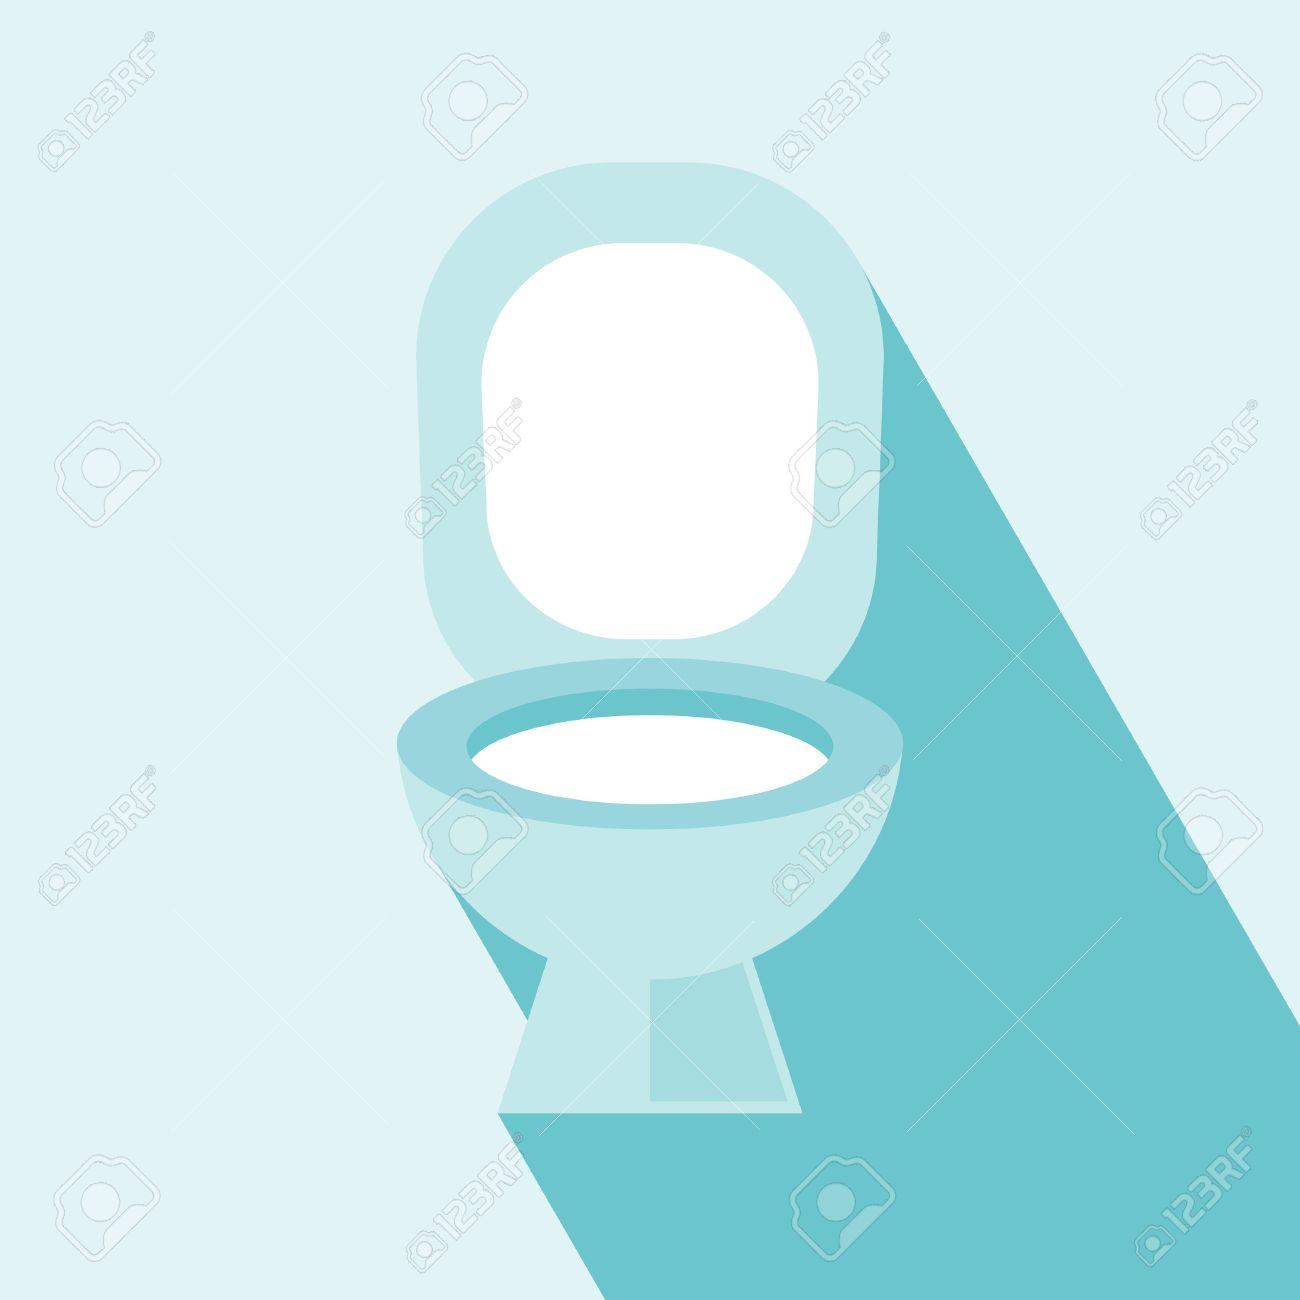 Flush Toilet Icon Wc  Toilet sign vector Flush Toilet Icon on light blue  Background. Flush Toilet Icon Wc  Toilet Sign vector Flush Toilet Icon